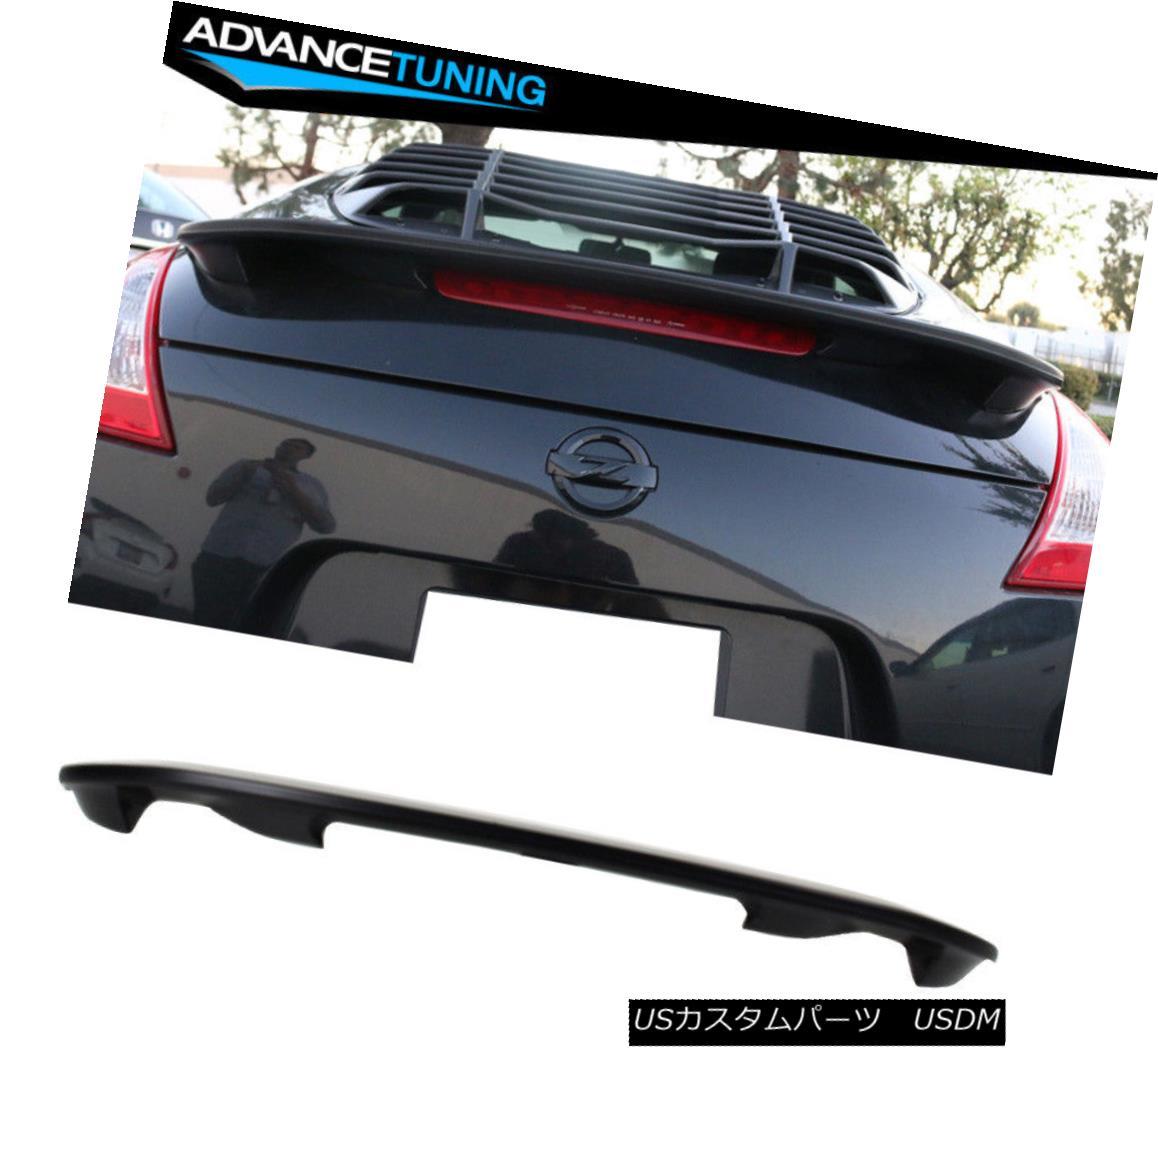 エアロパーツ For 09-18 Nissan 370Z Z34 Fairlady OE Style Unpainted ABS Black Trunk Spoiler 09-18日産370Z Z34フェアレディOEスタイル無塗装ABSブラックトランクスポイラー